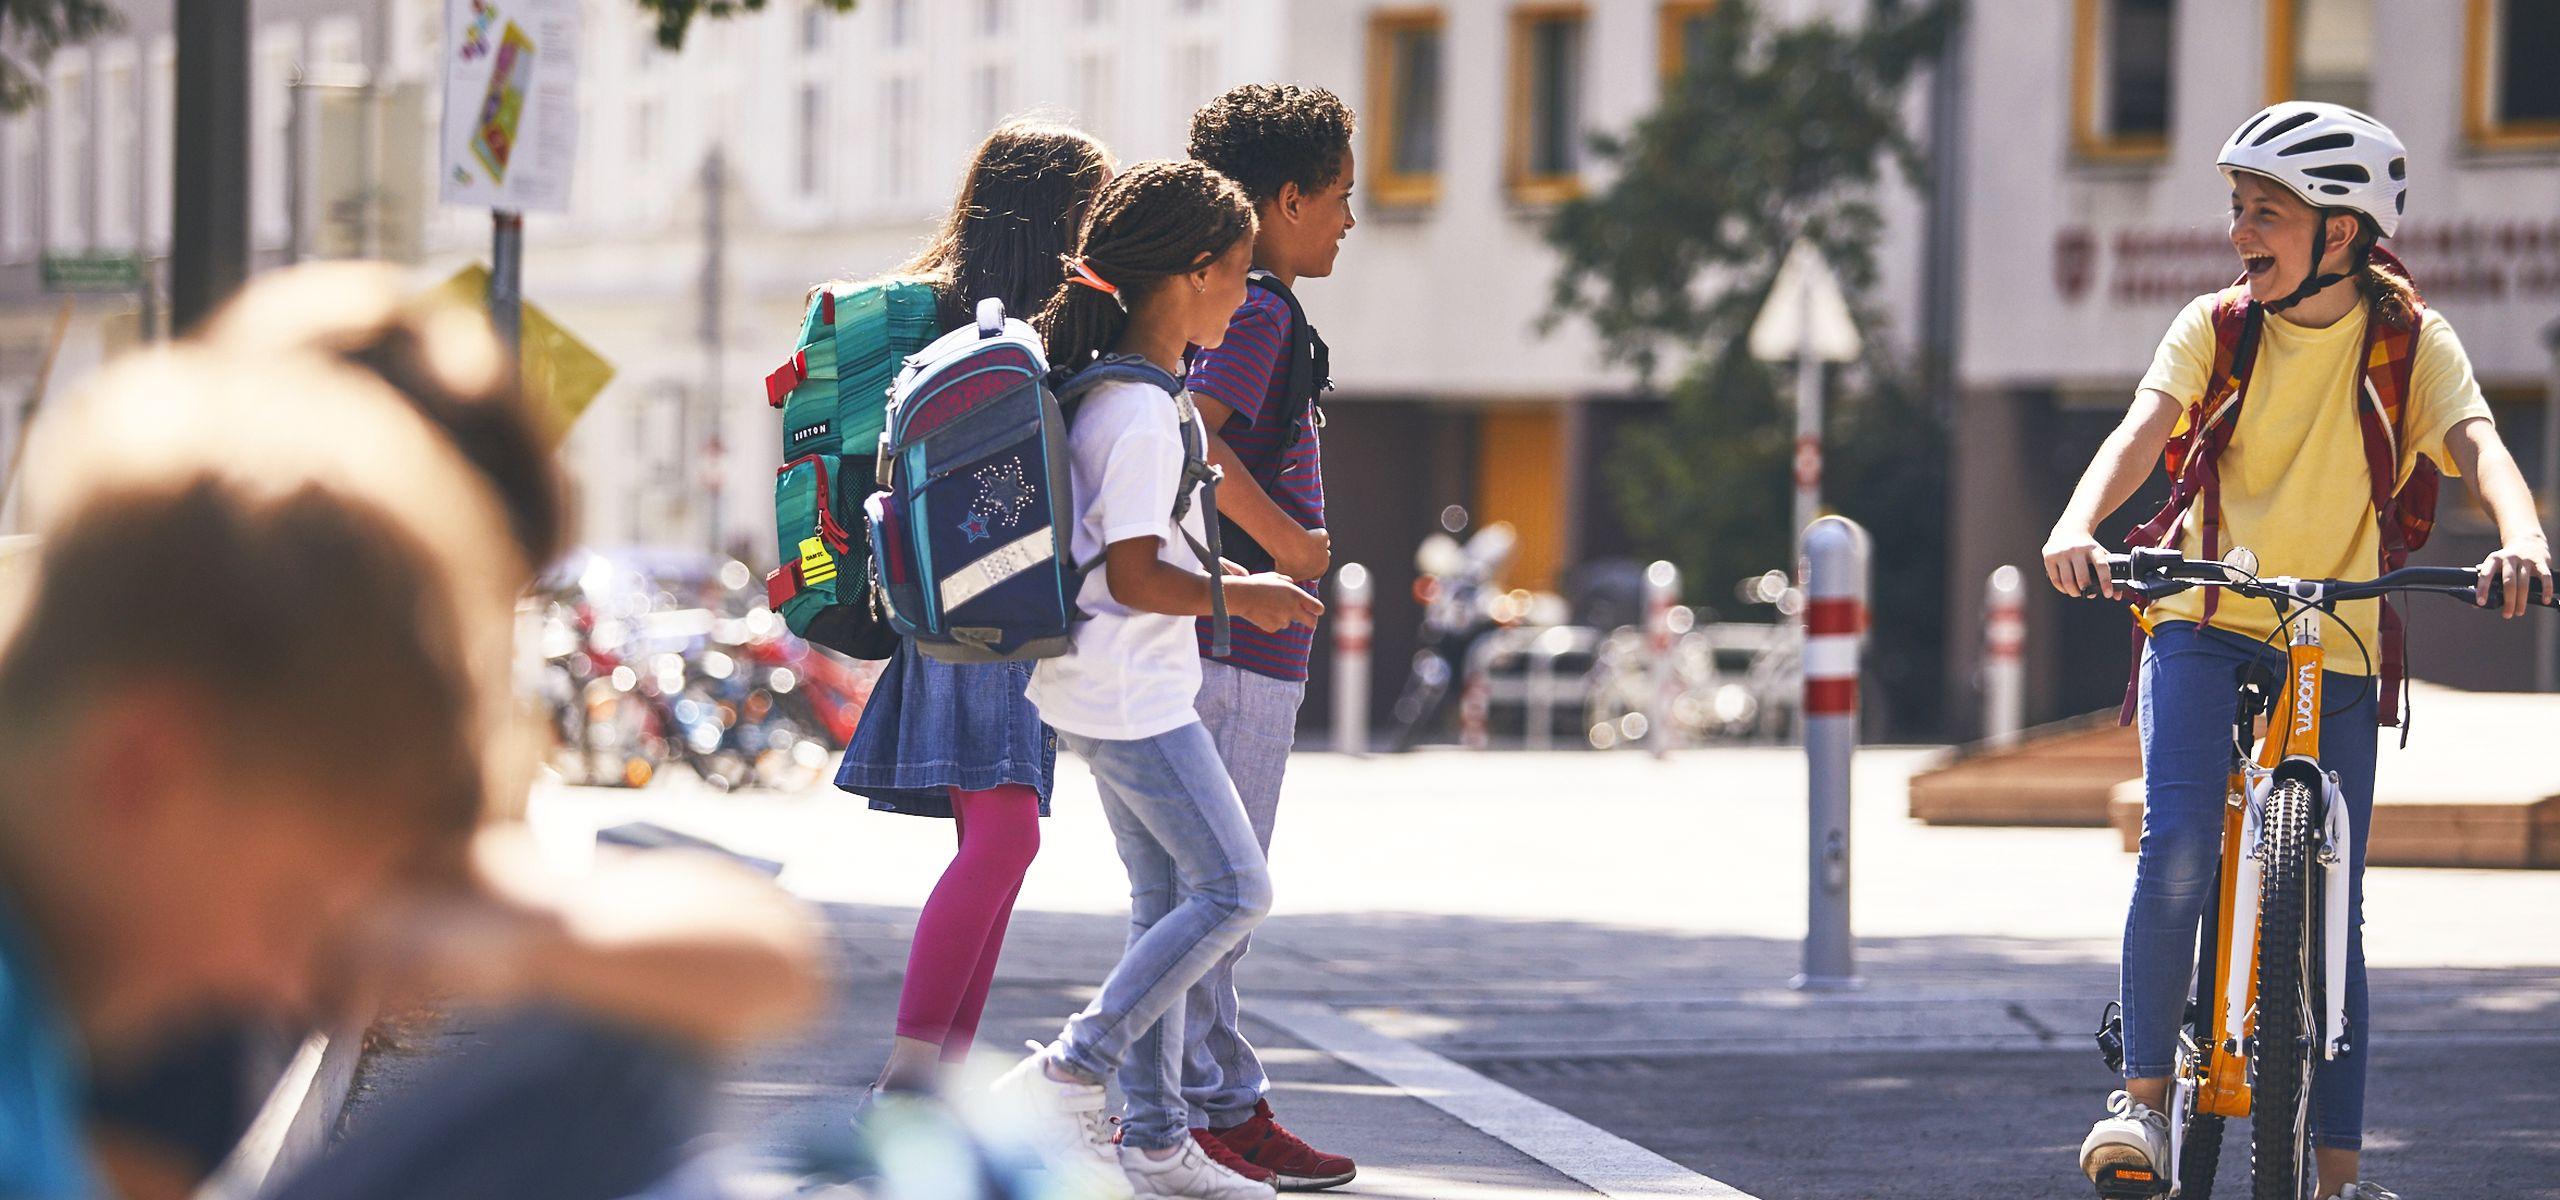 Kinder auf dem Schulweg, zu Fuß und mit dem Rad.